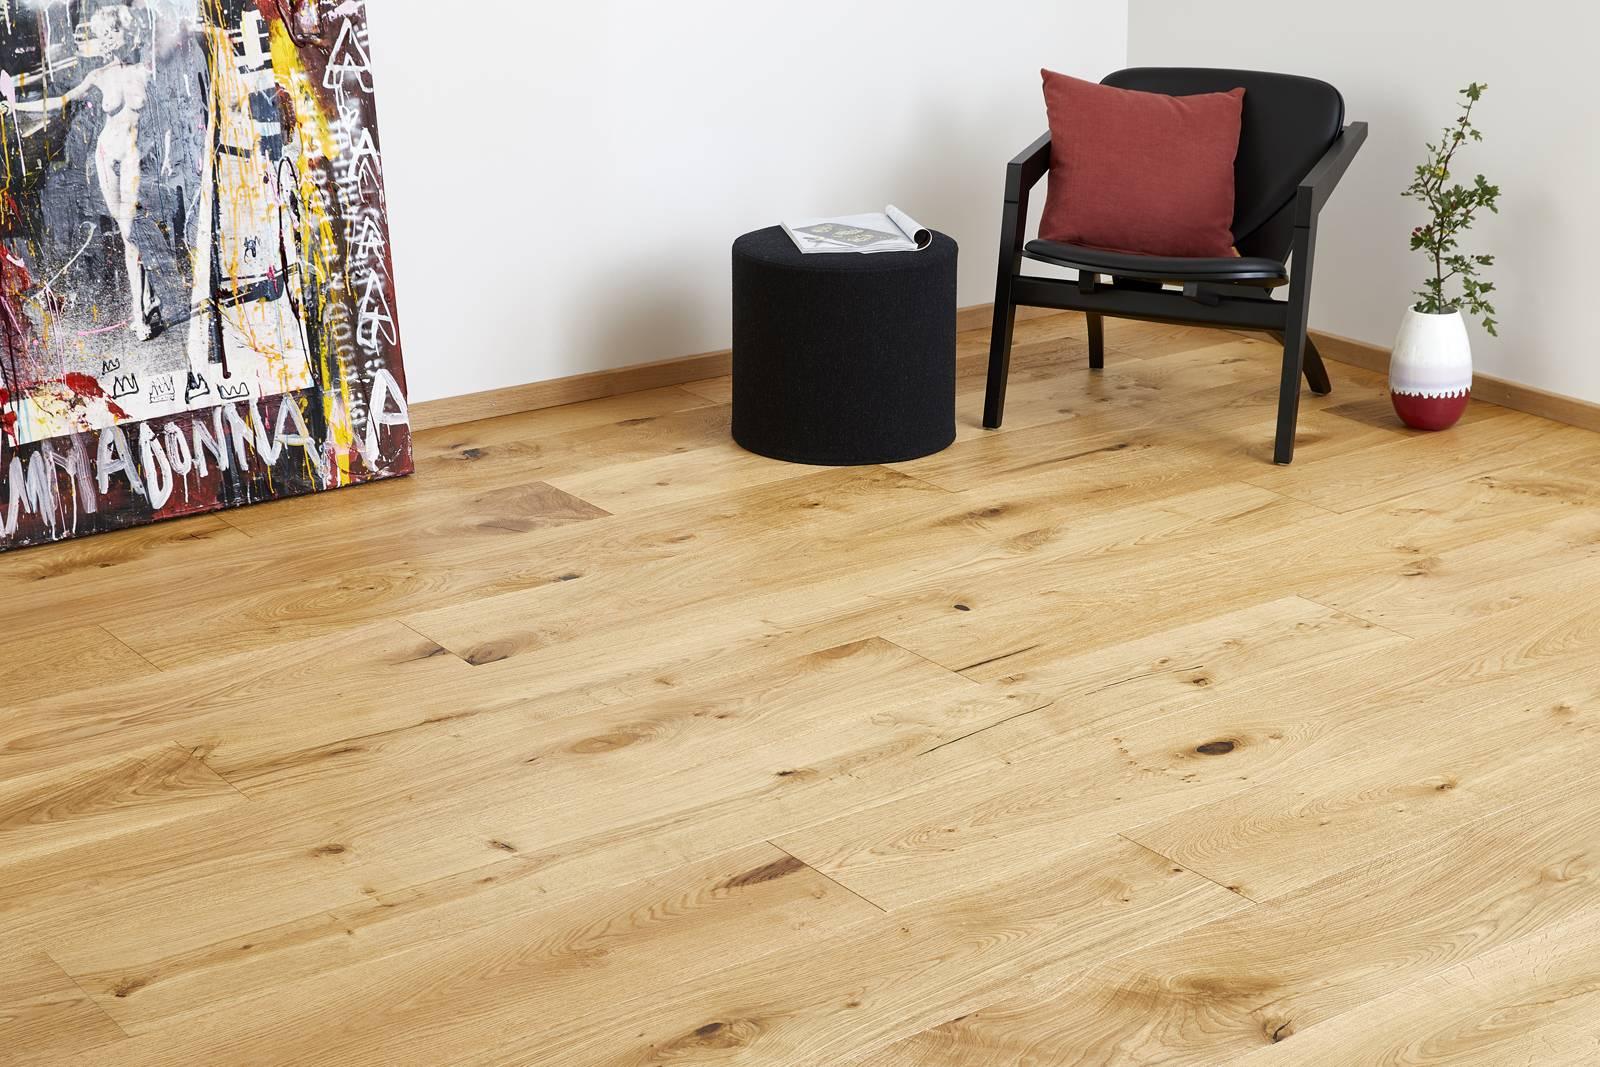 DOPRAVA ZDARMA! Dřevěná podlaha MOLAND Sandgate Wideplank 14803262 Dub Living